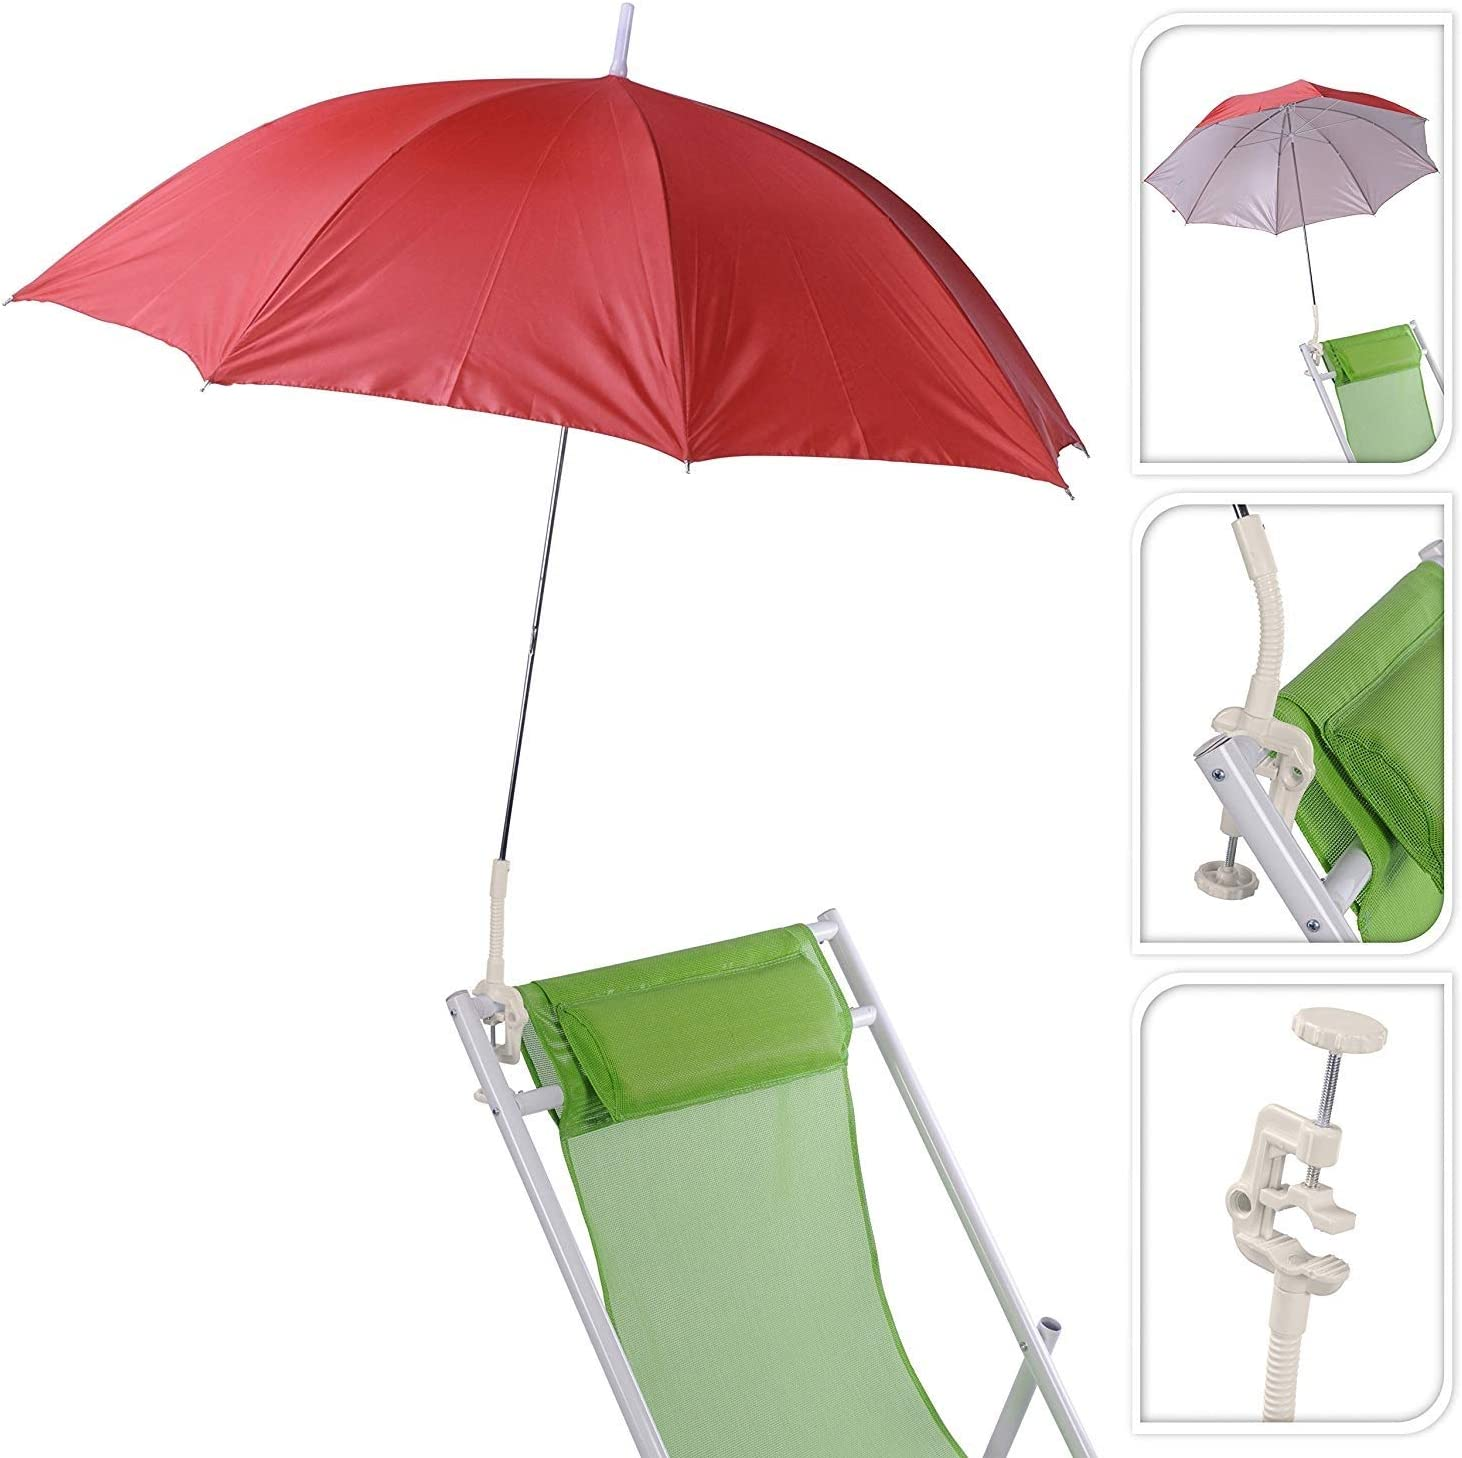 Buggy Schirm f/ür liegen Meinposten Sonnenschirm f/ür Kinderwagen /Ø 100 cm UV Schutz 50 Rot